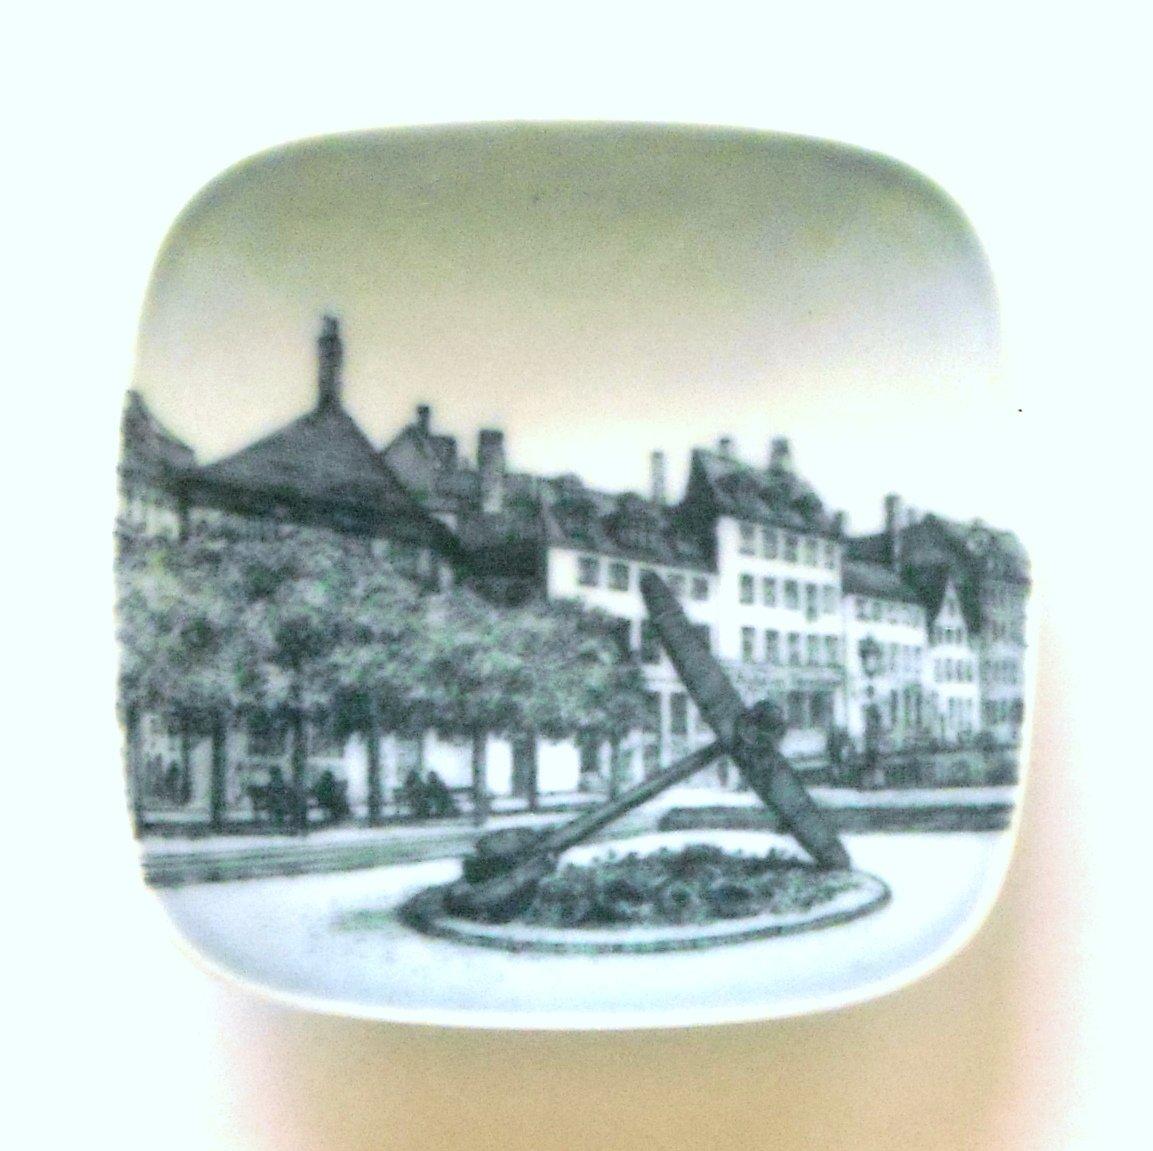 Mindeankeret Nyhavn Bing & Grondahl Copenhagen Denmark Small Plate Ornament